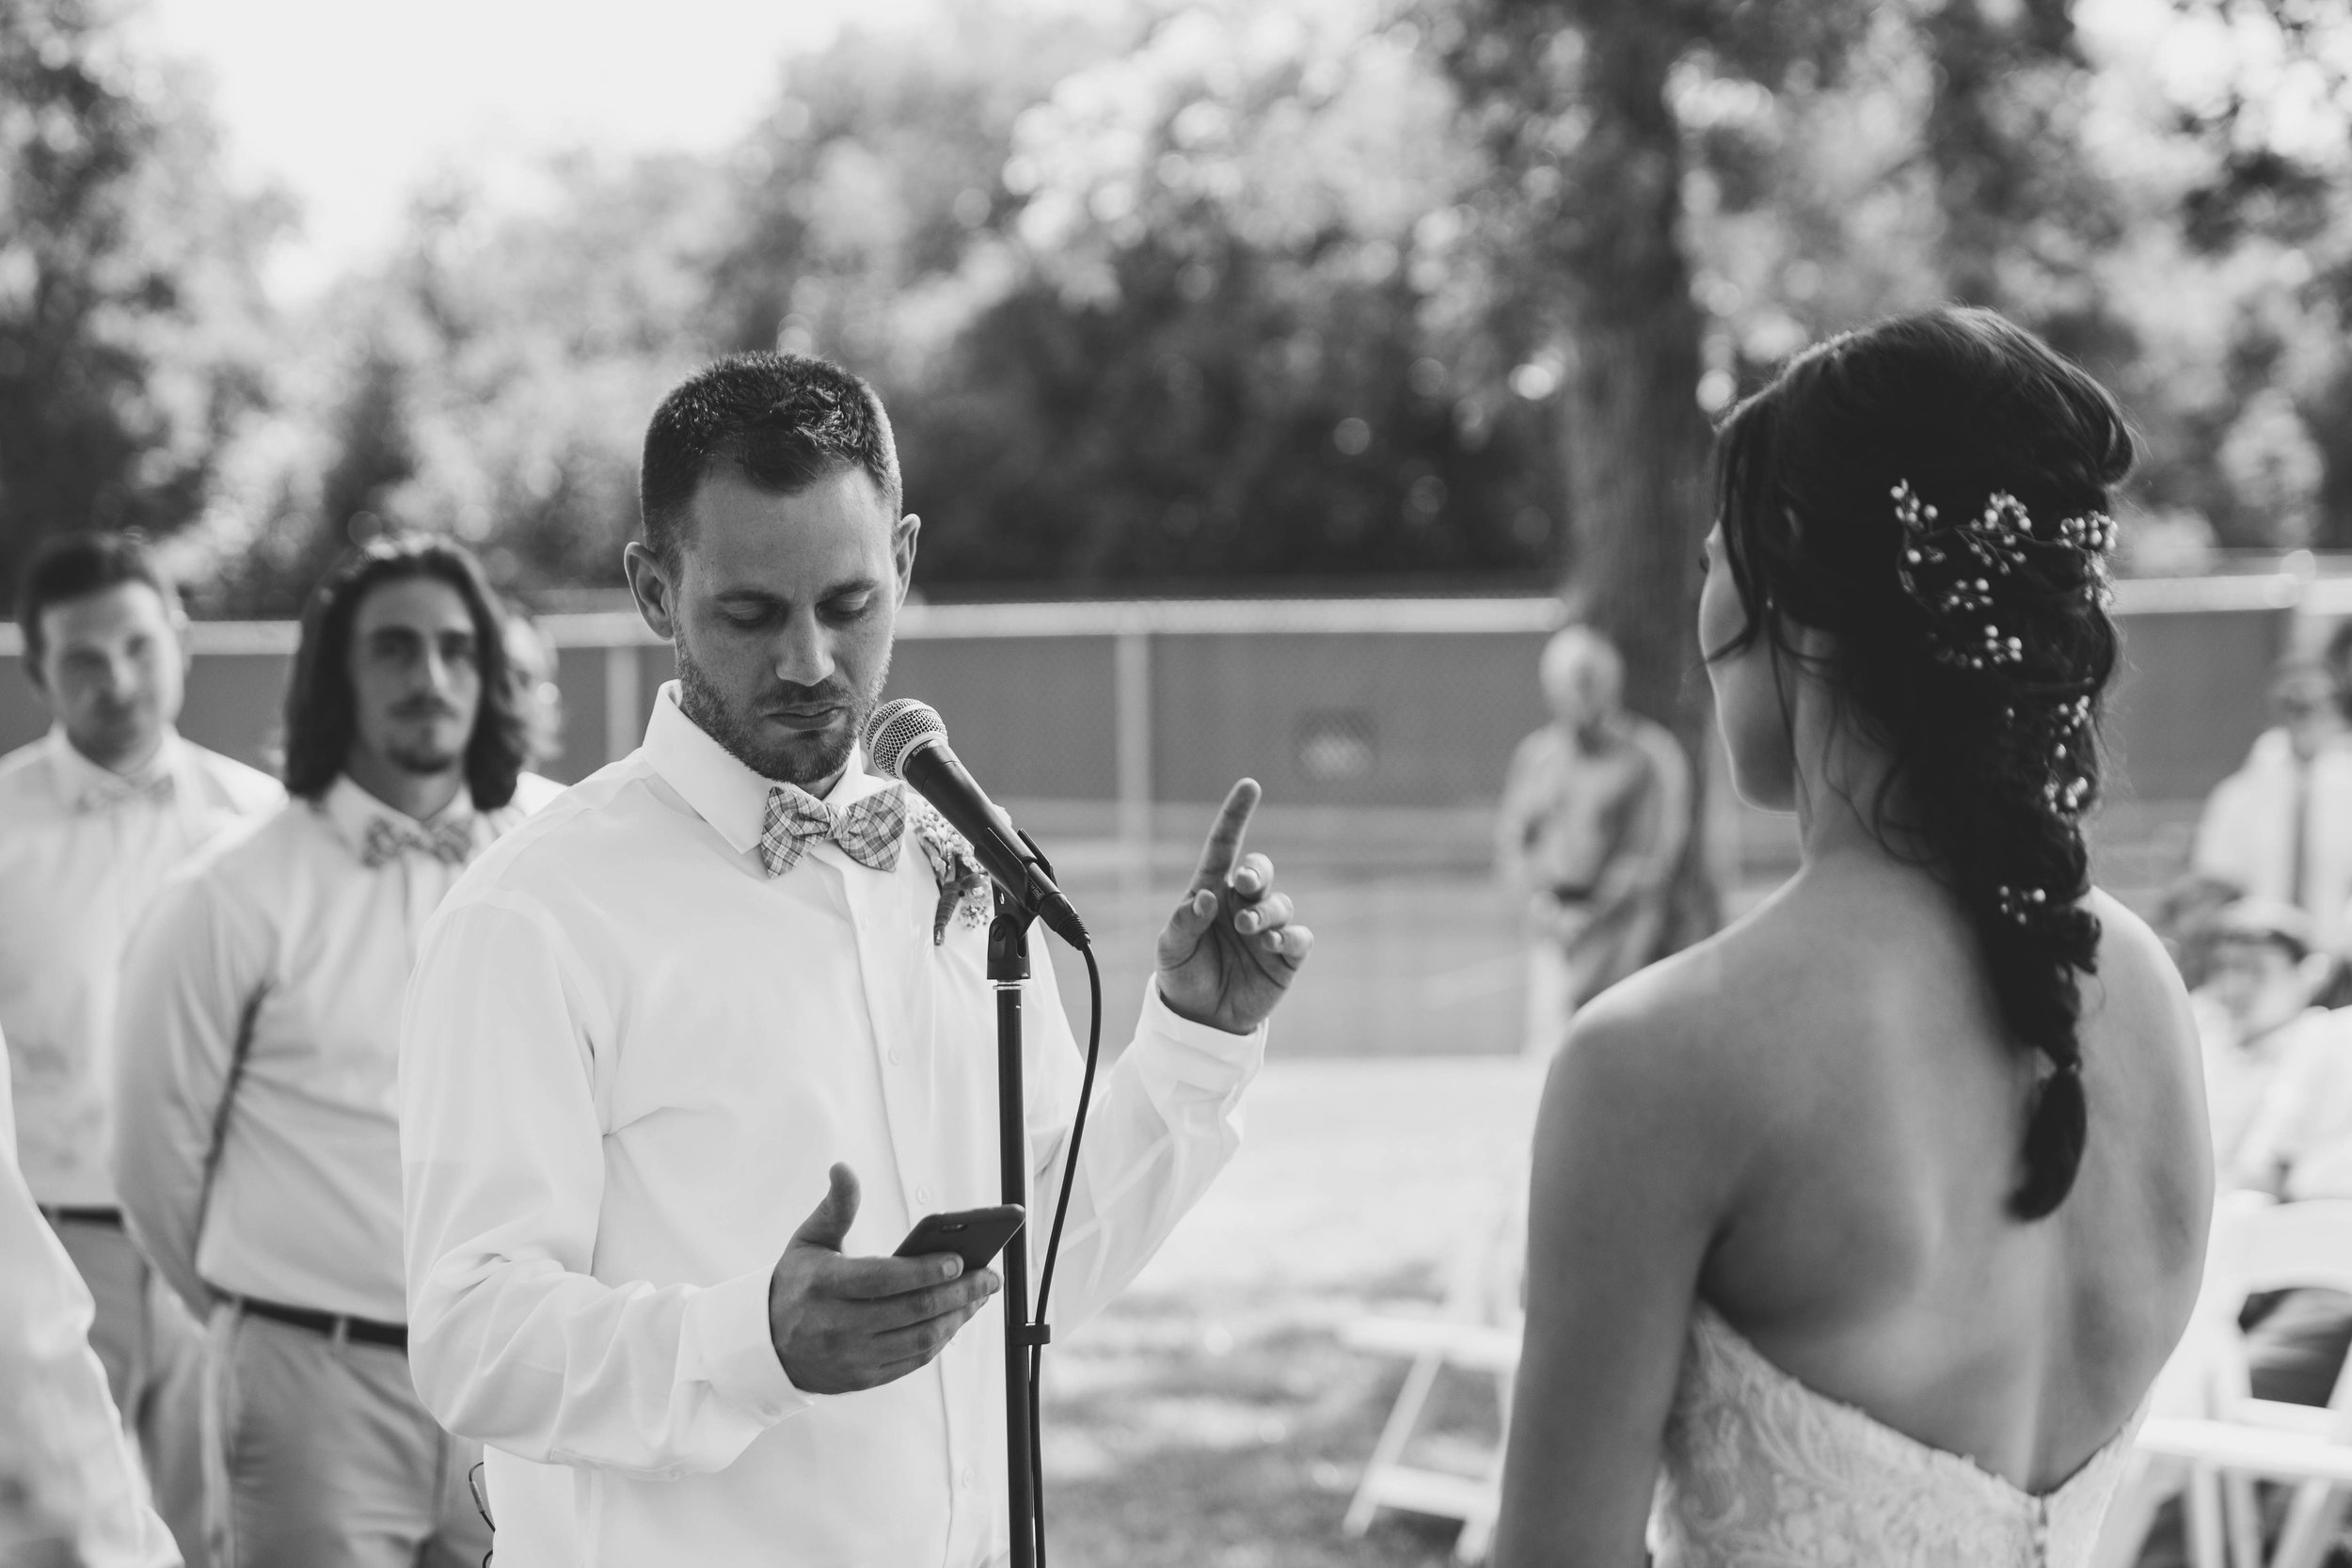 ATGI_Susanna & Matt Wedding_717A7745.jpg